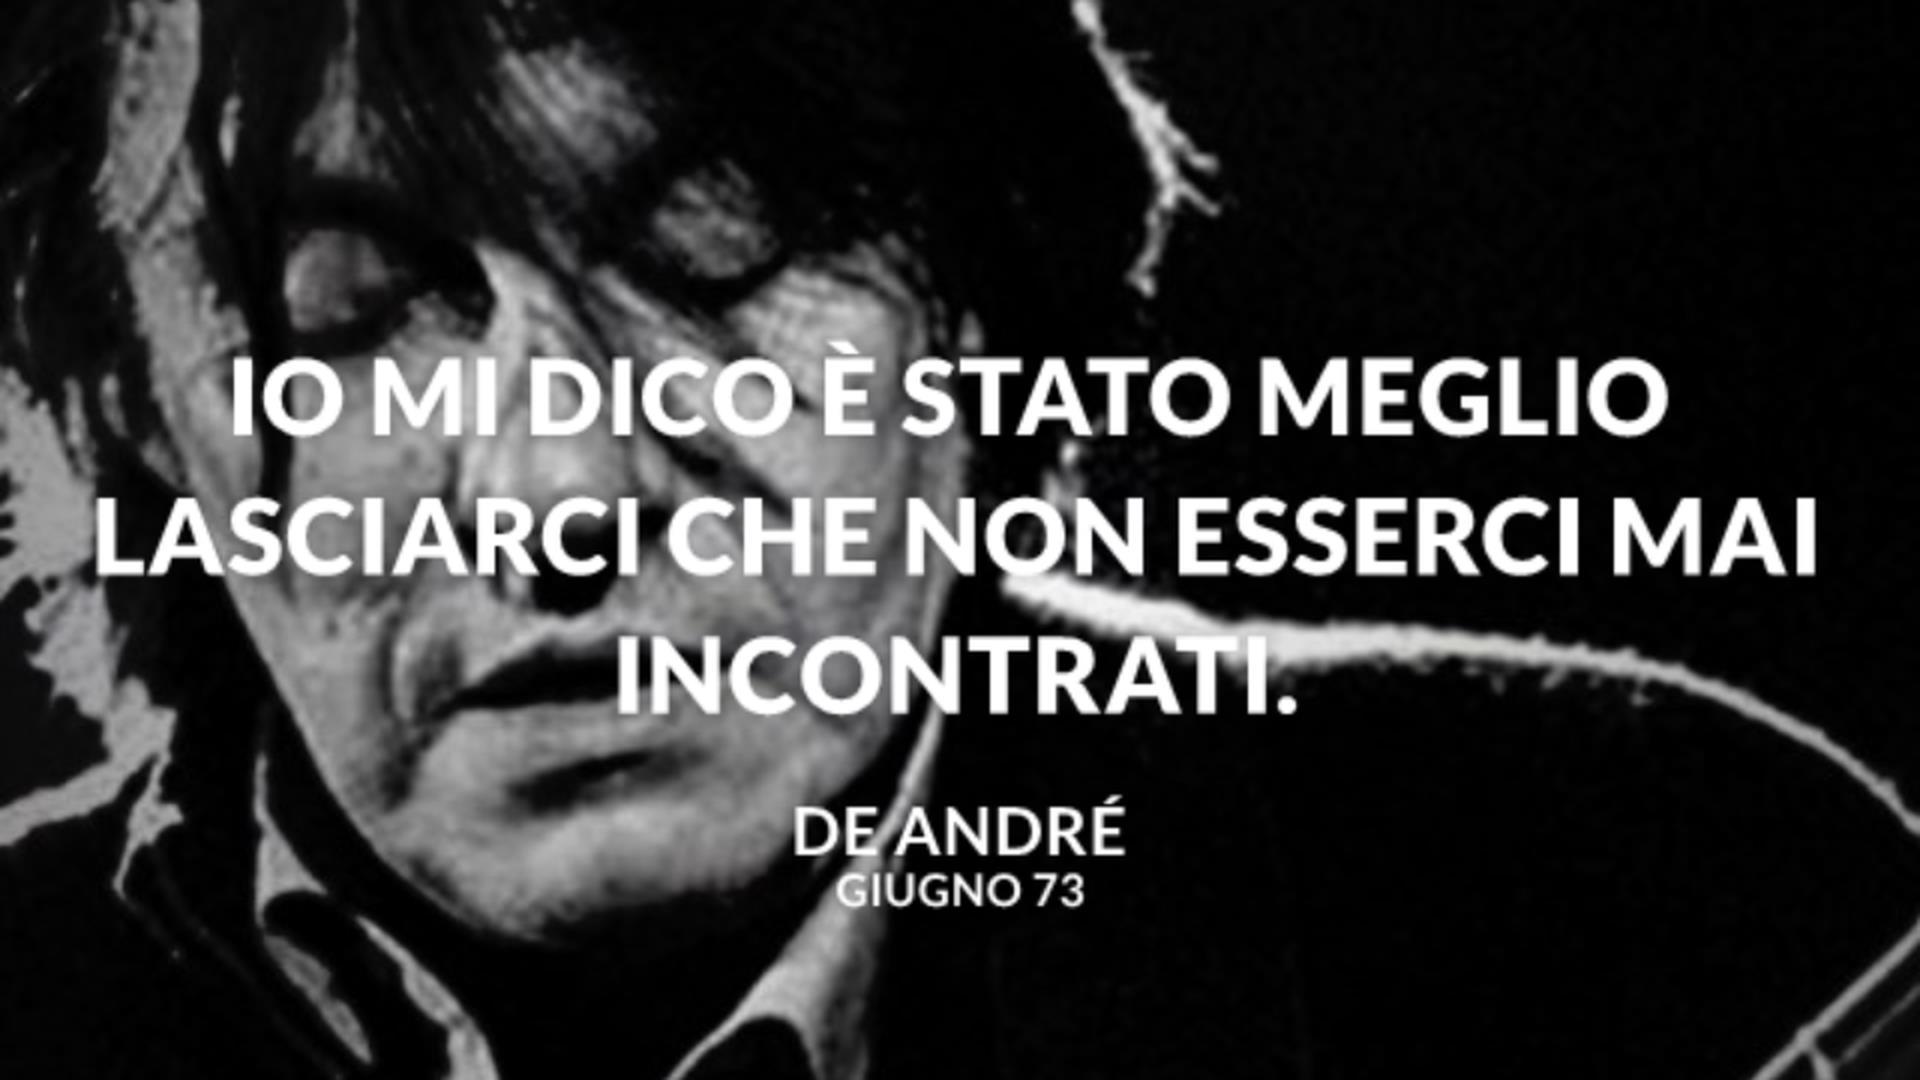 Frasi E Citazioni Dalle Canzoni Di Fabrizio De Andre